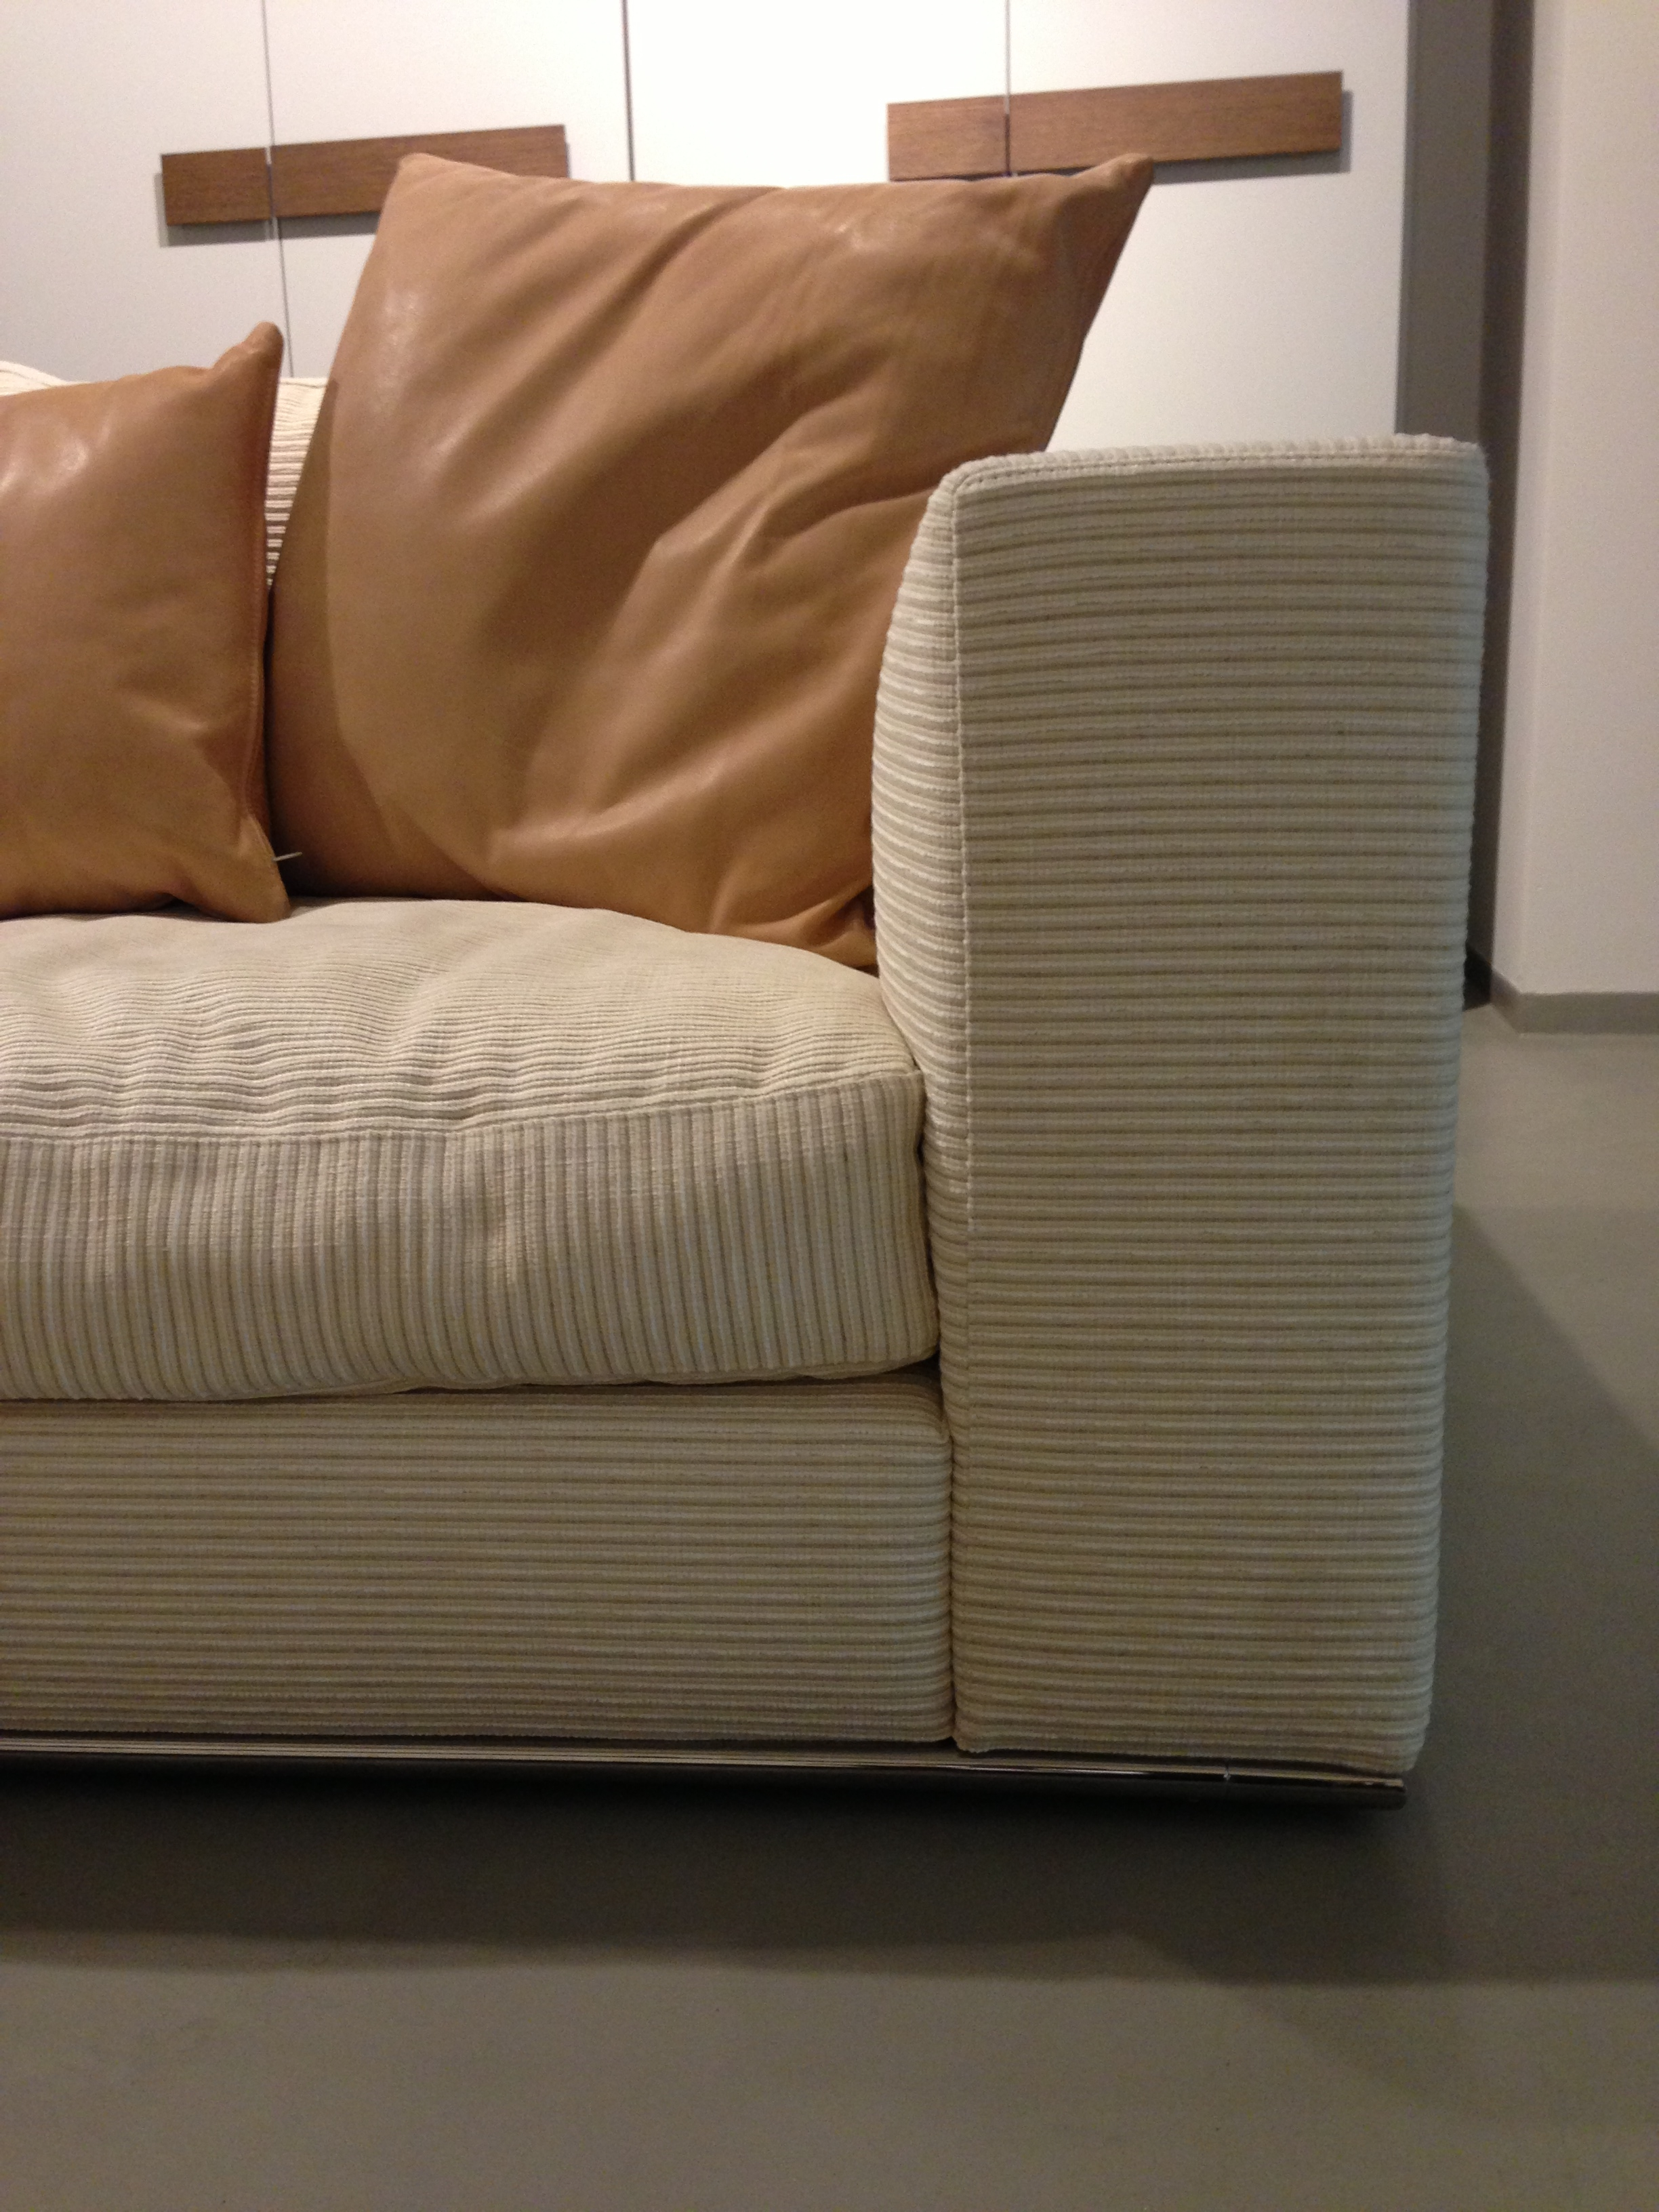 Desir e divano ozium scontato del 72 divani a prezzi for Divano desiree